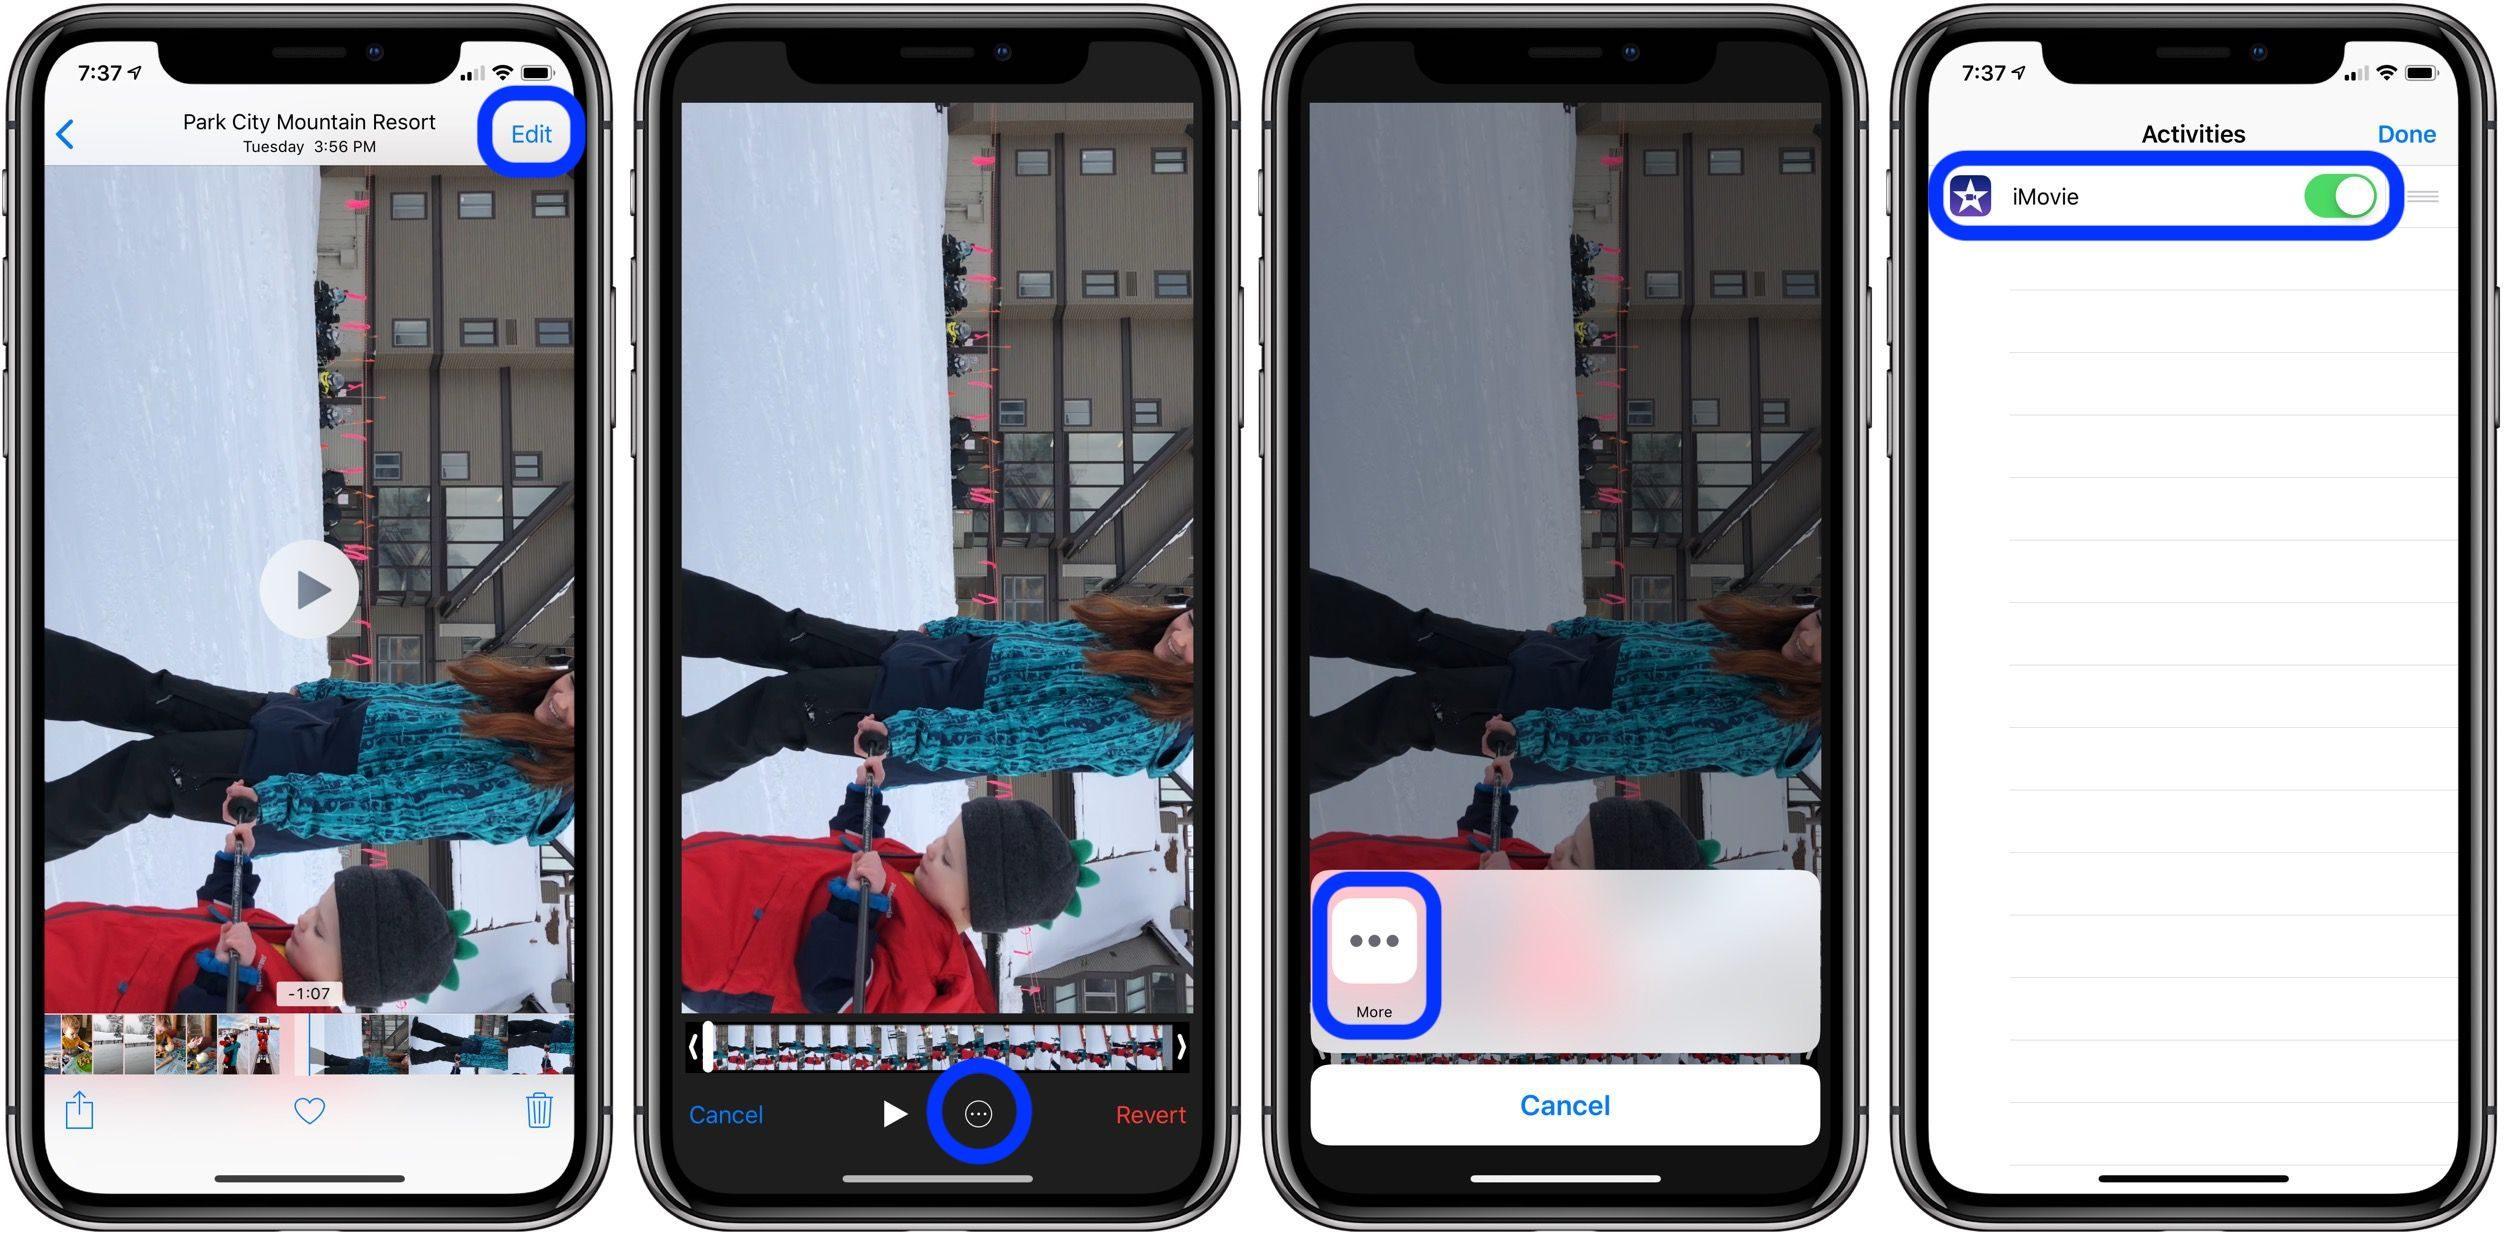 """<span href=""""https://9to5mac.com/2019/01/09/rotate-iphone-ipad-videos/"""">Cómo girar el iPhone y el iPad vídeos que se toman en la orientación incorrecta</a>"""